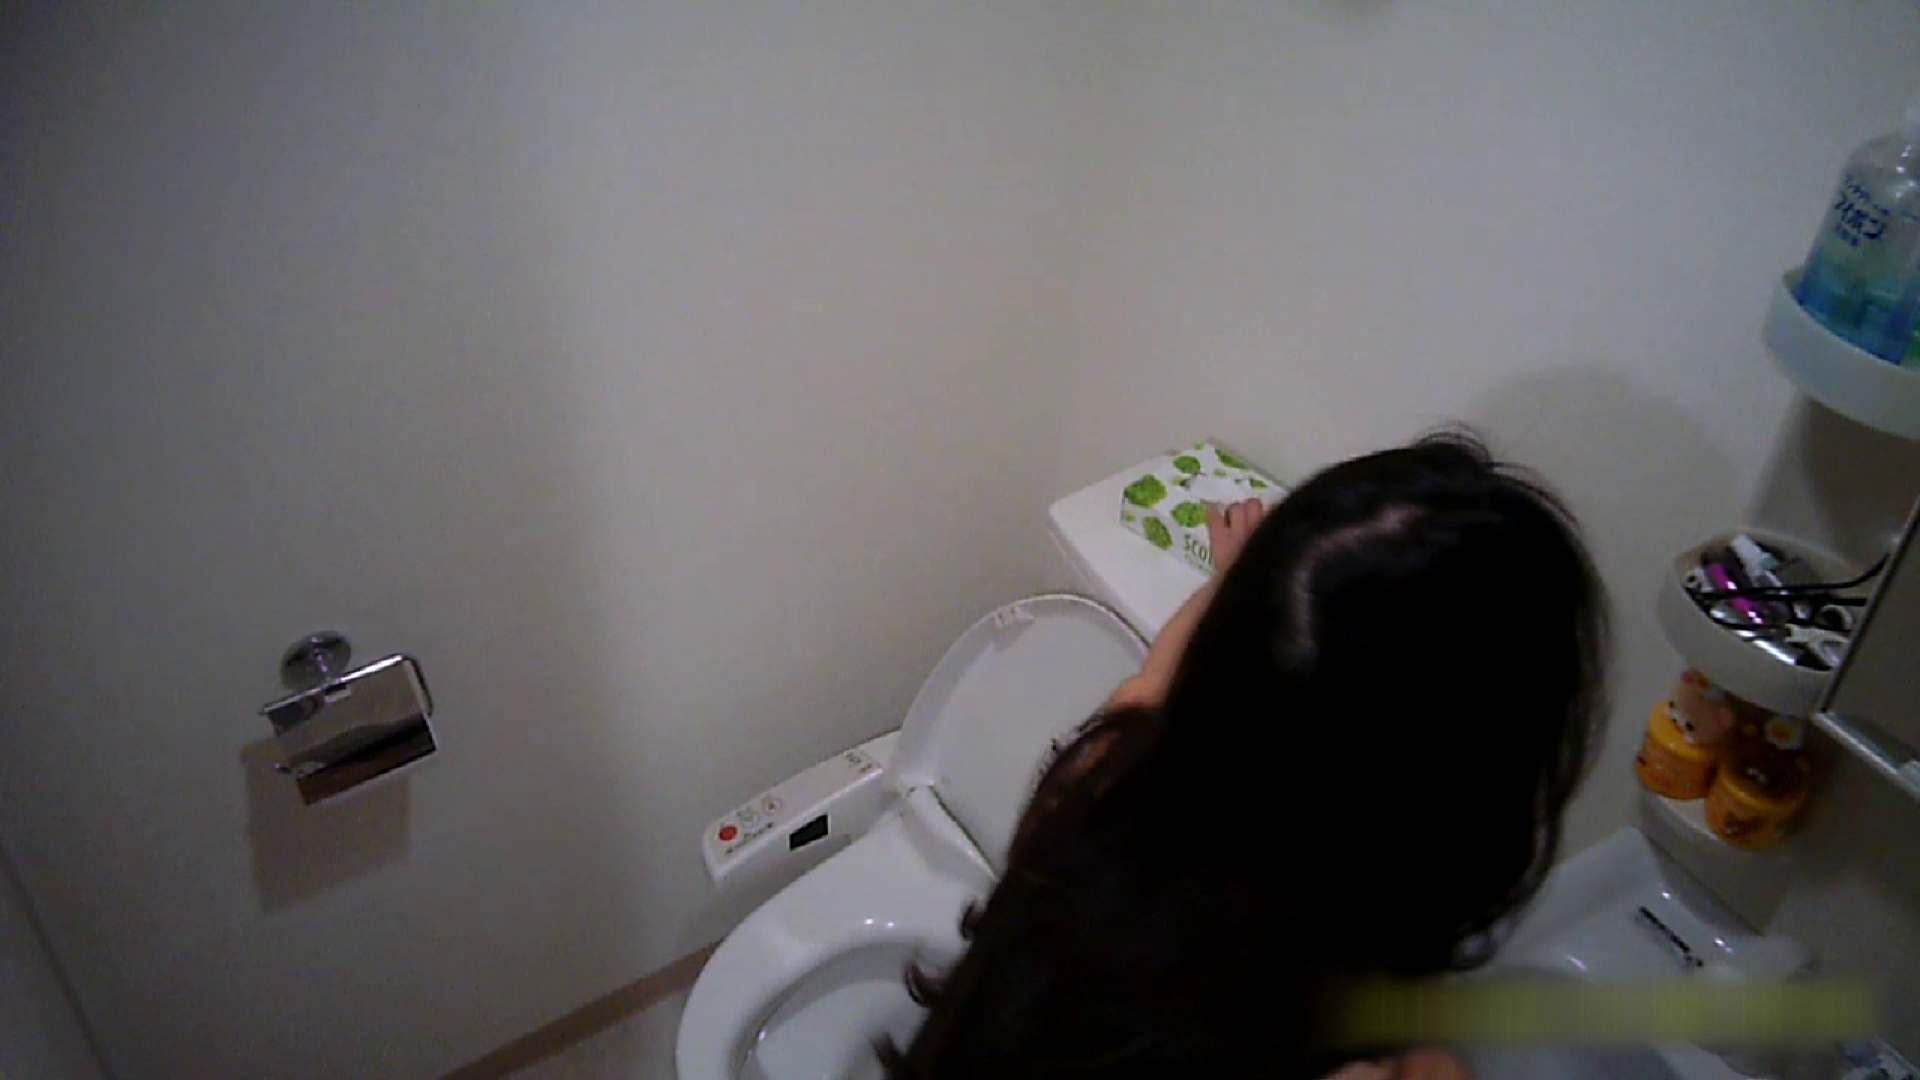 清楚な顔してかなり敏感なE子25歳(仮名)Vol.05 裸でトイレ編 美肌 AV動画キャプチャ 90枚 38